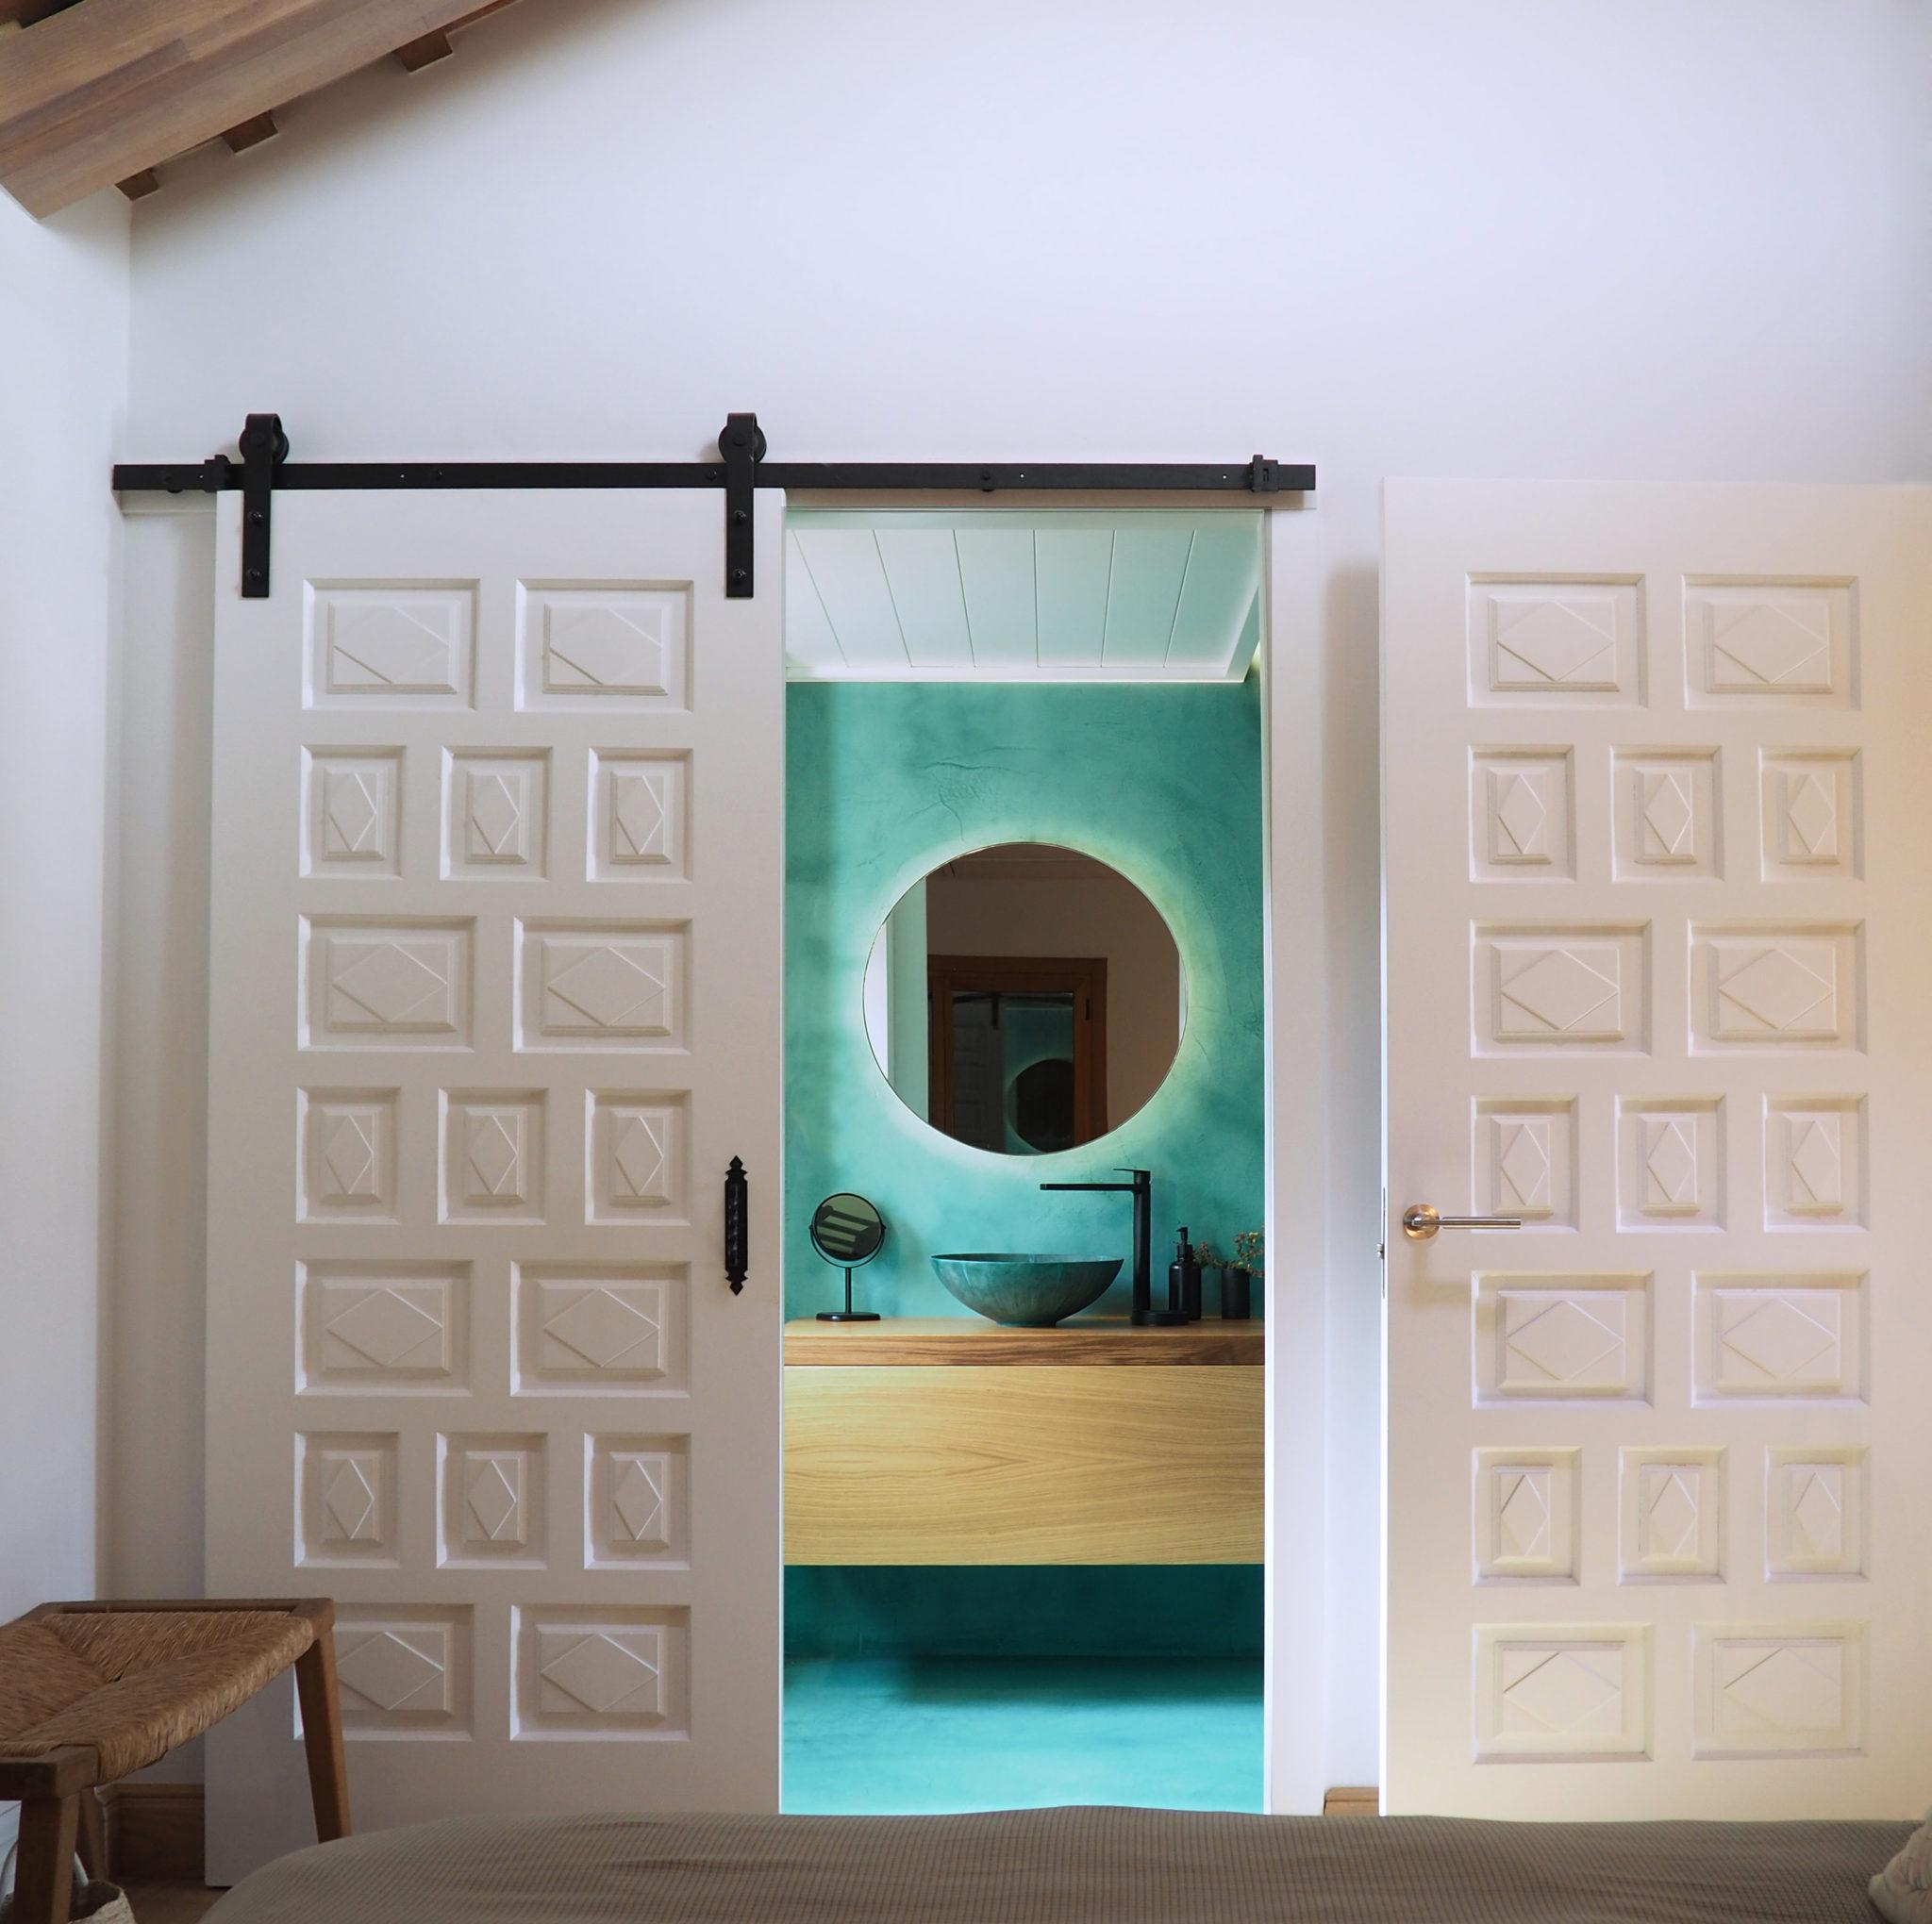 Rosa Colet baño mediterraneo. Foto por Marina García Linares @23mmarina